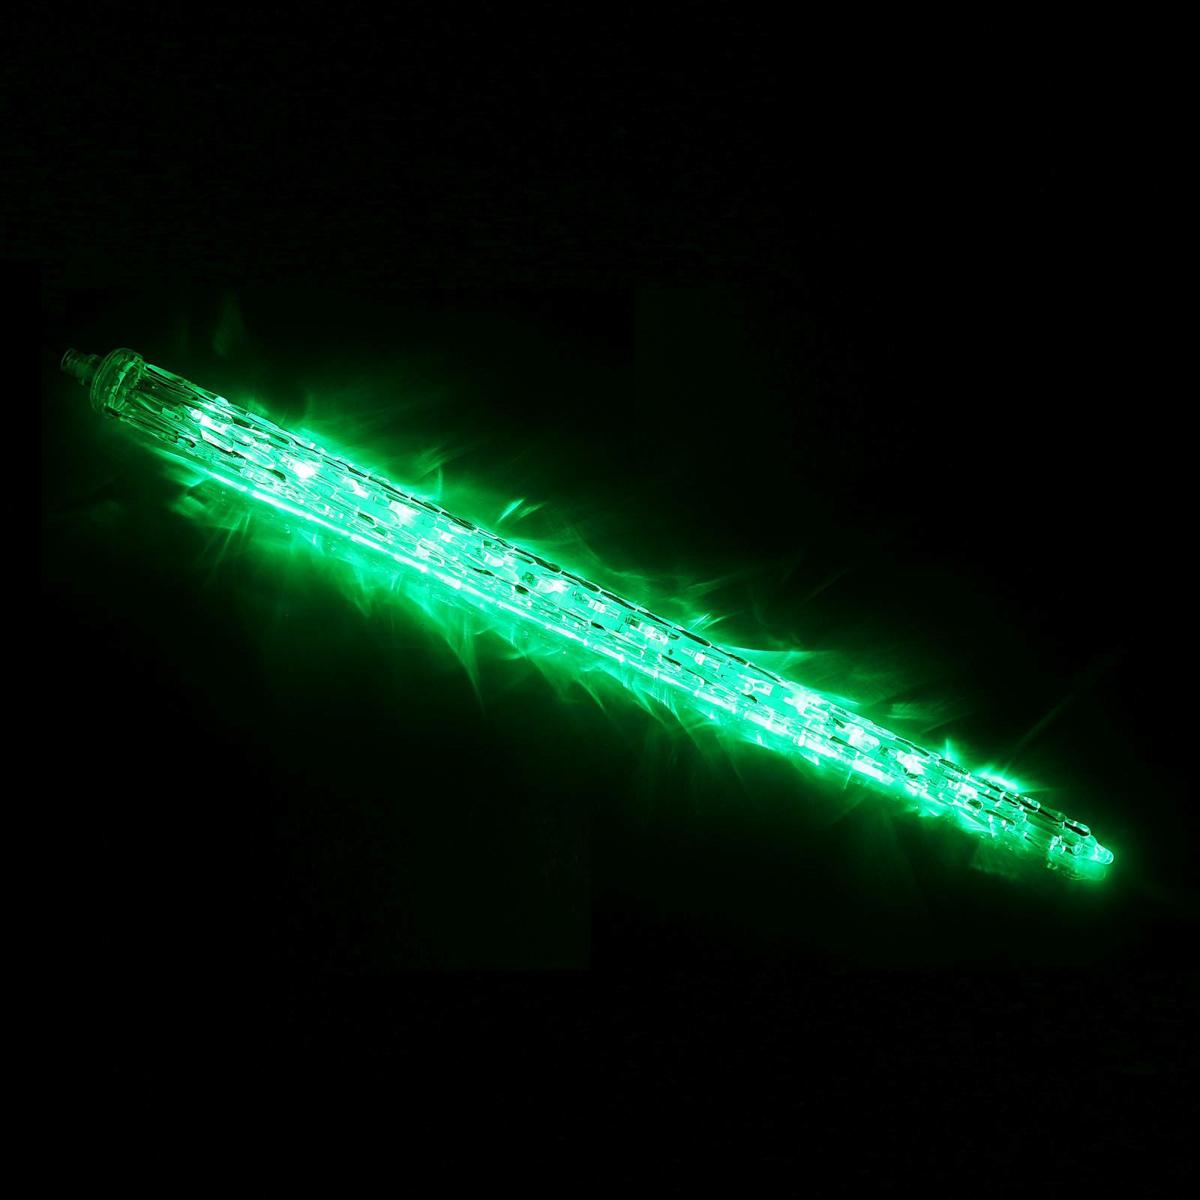 Светодиодная сосулька Luazon Рифленая, длина 0,5 м, диаметр 4 см, LED 30 ламп, 220V, цвет: зеленый678907Светодиодные гирлянды, ленты и т.д — это отличный вариант для новогоднего оформления интерьера или фасада. С их помощью помещение любого размера можно превратить в праздничный зал, а внешние элементы зданий, украшенные ими, мгновенно станут напоминать очертания сказочного дворца. Такие украшения создают ауру предвкушения чуда. Деревья, фасады, витрины, окна и арки будто специально созданы, чтобы вы украсили их светящимися нитями.